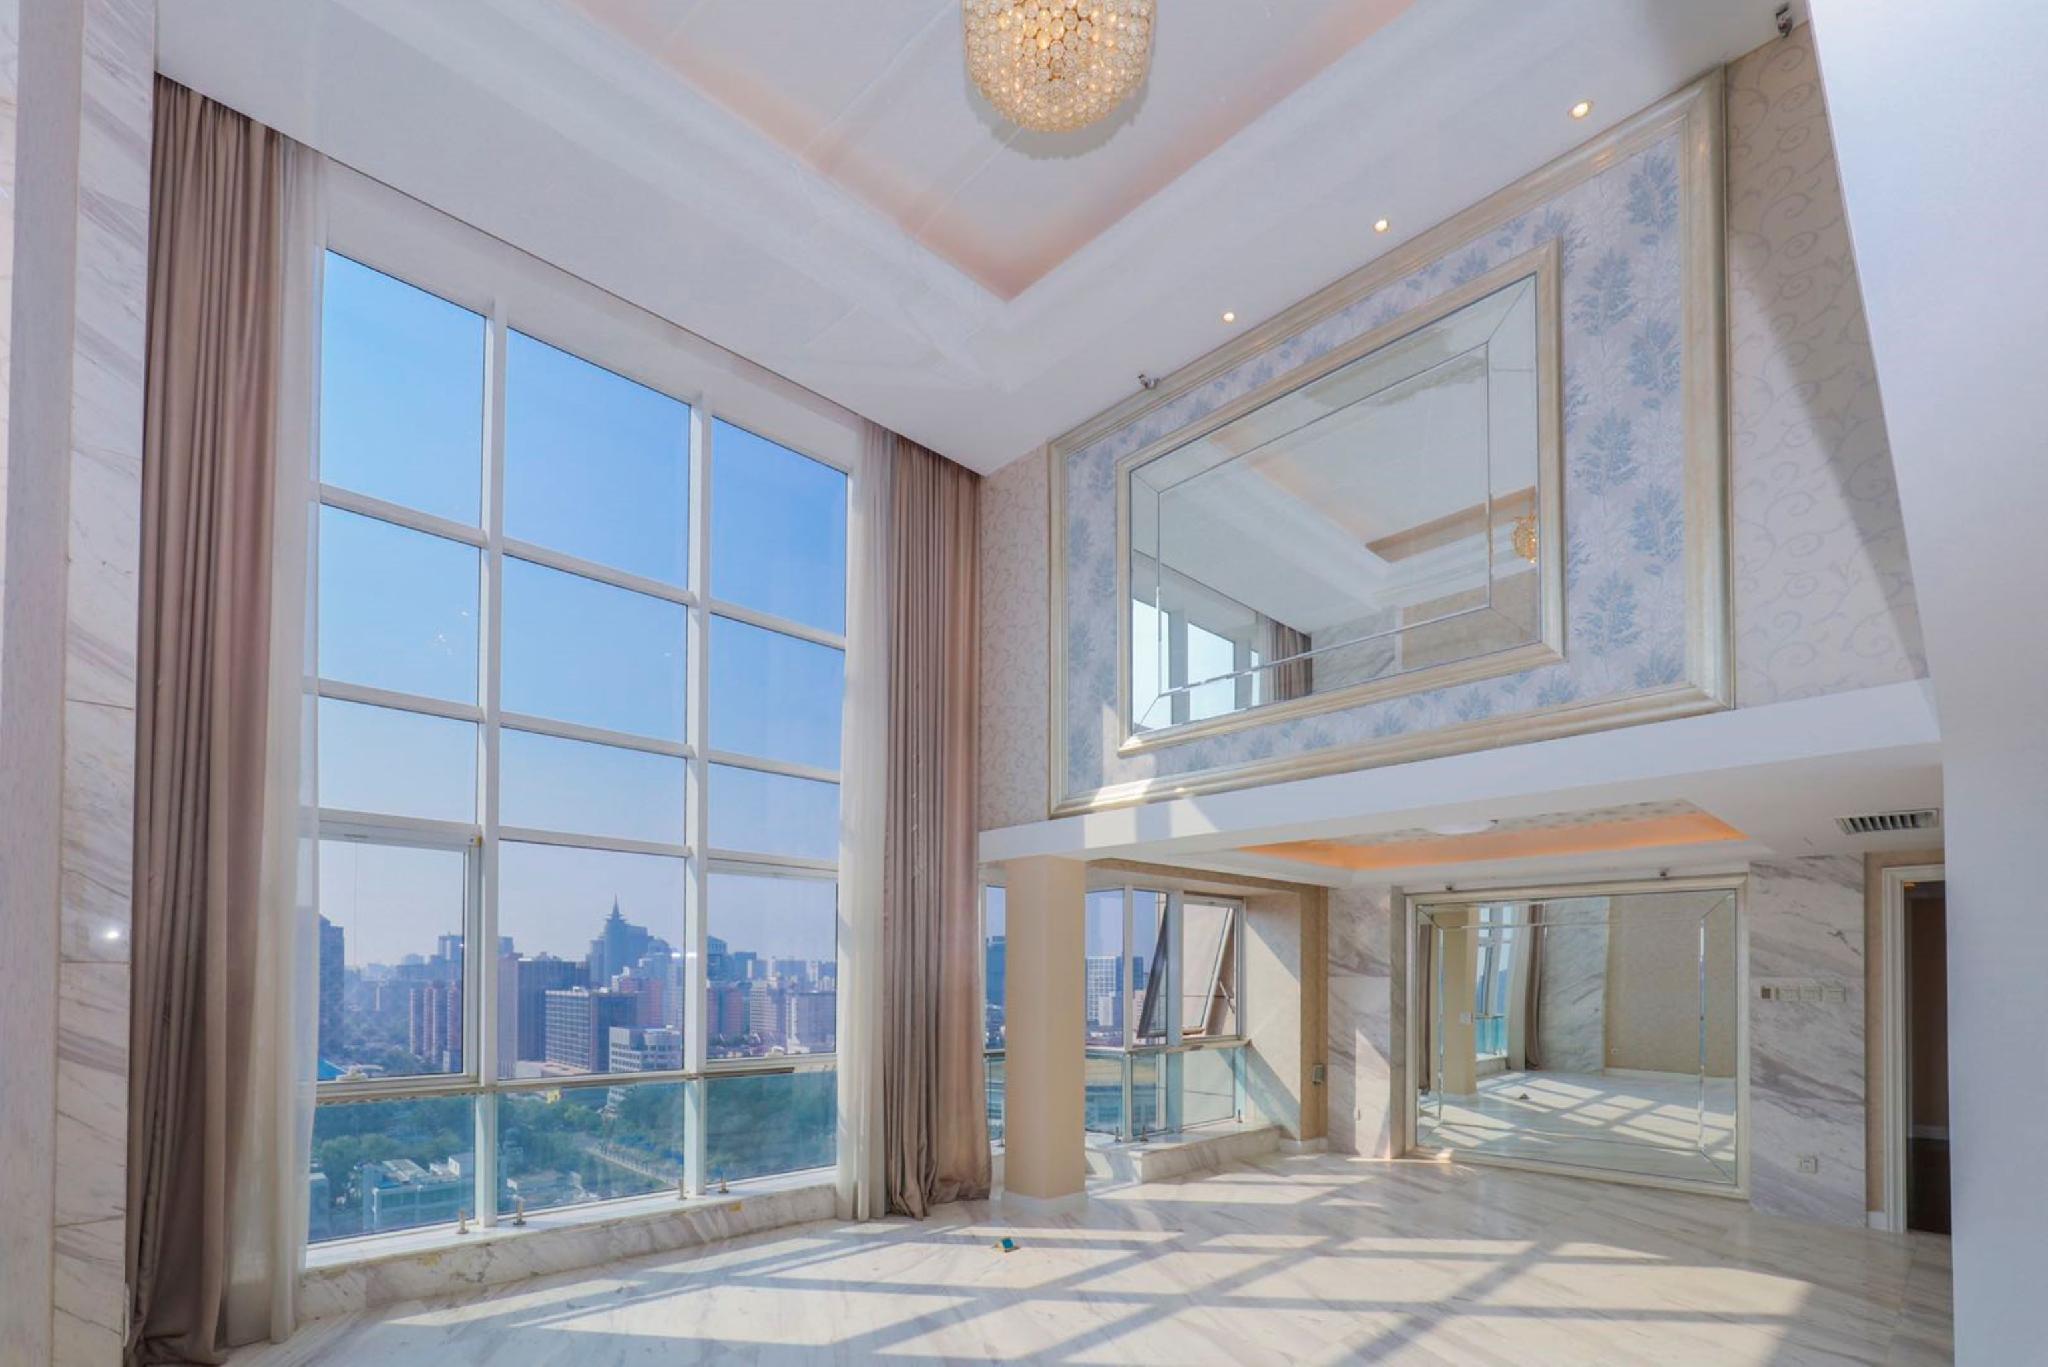 Beijing Sweet Dream House